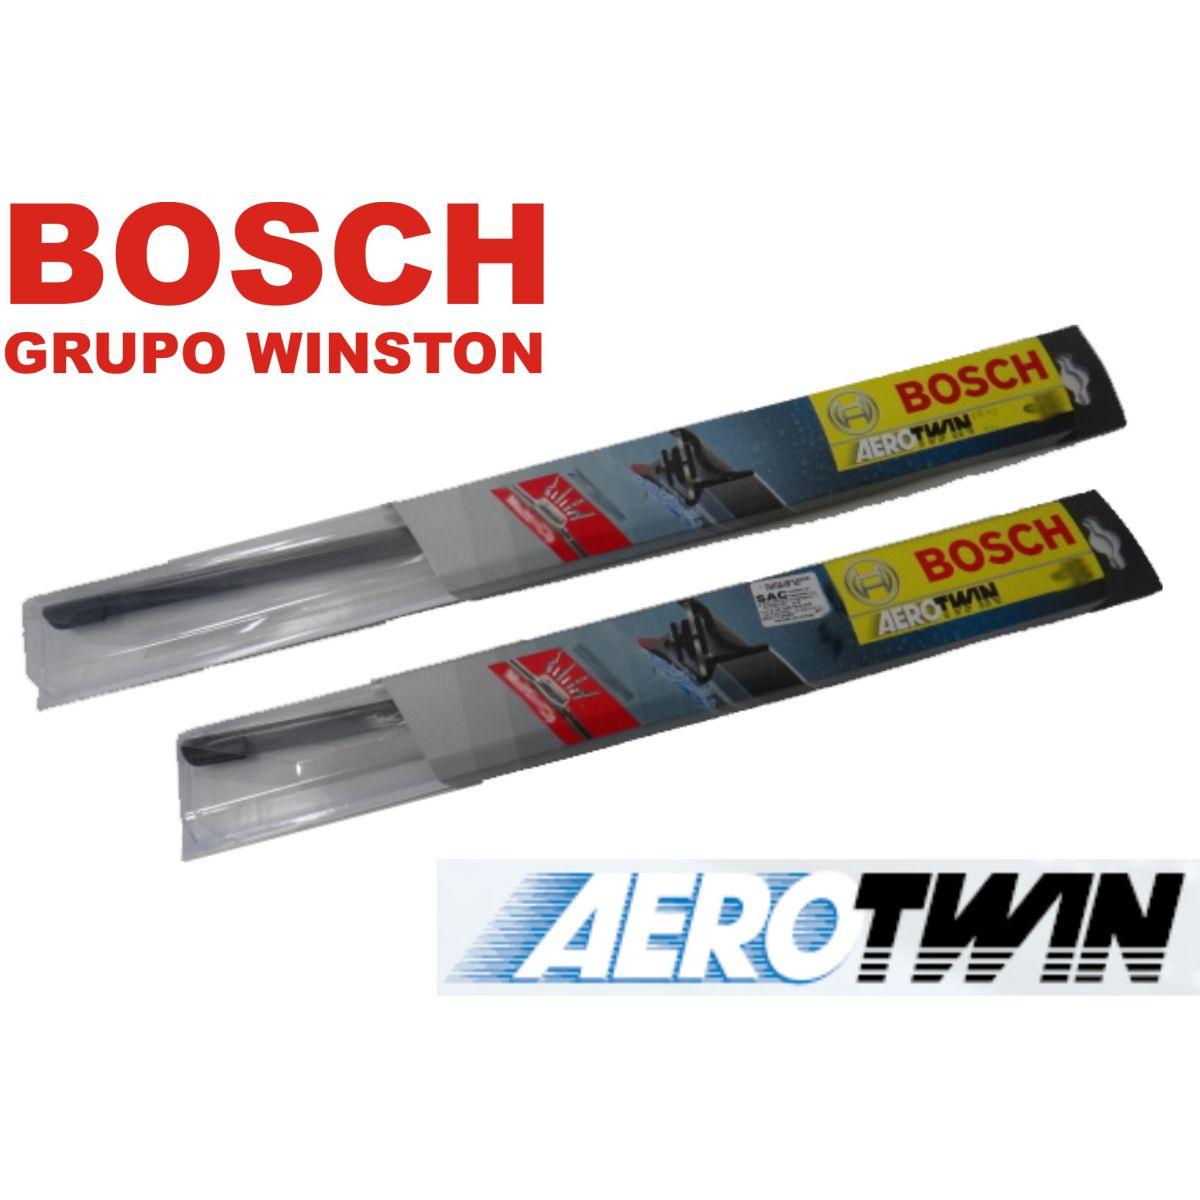 Palheta Limpador de Parabrisa Original Bosch Aerotwin Mitshubish Pajero 91 a 2000 TR4 2002 em diante